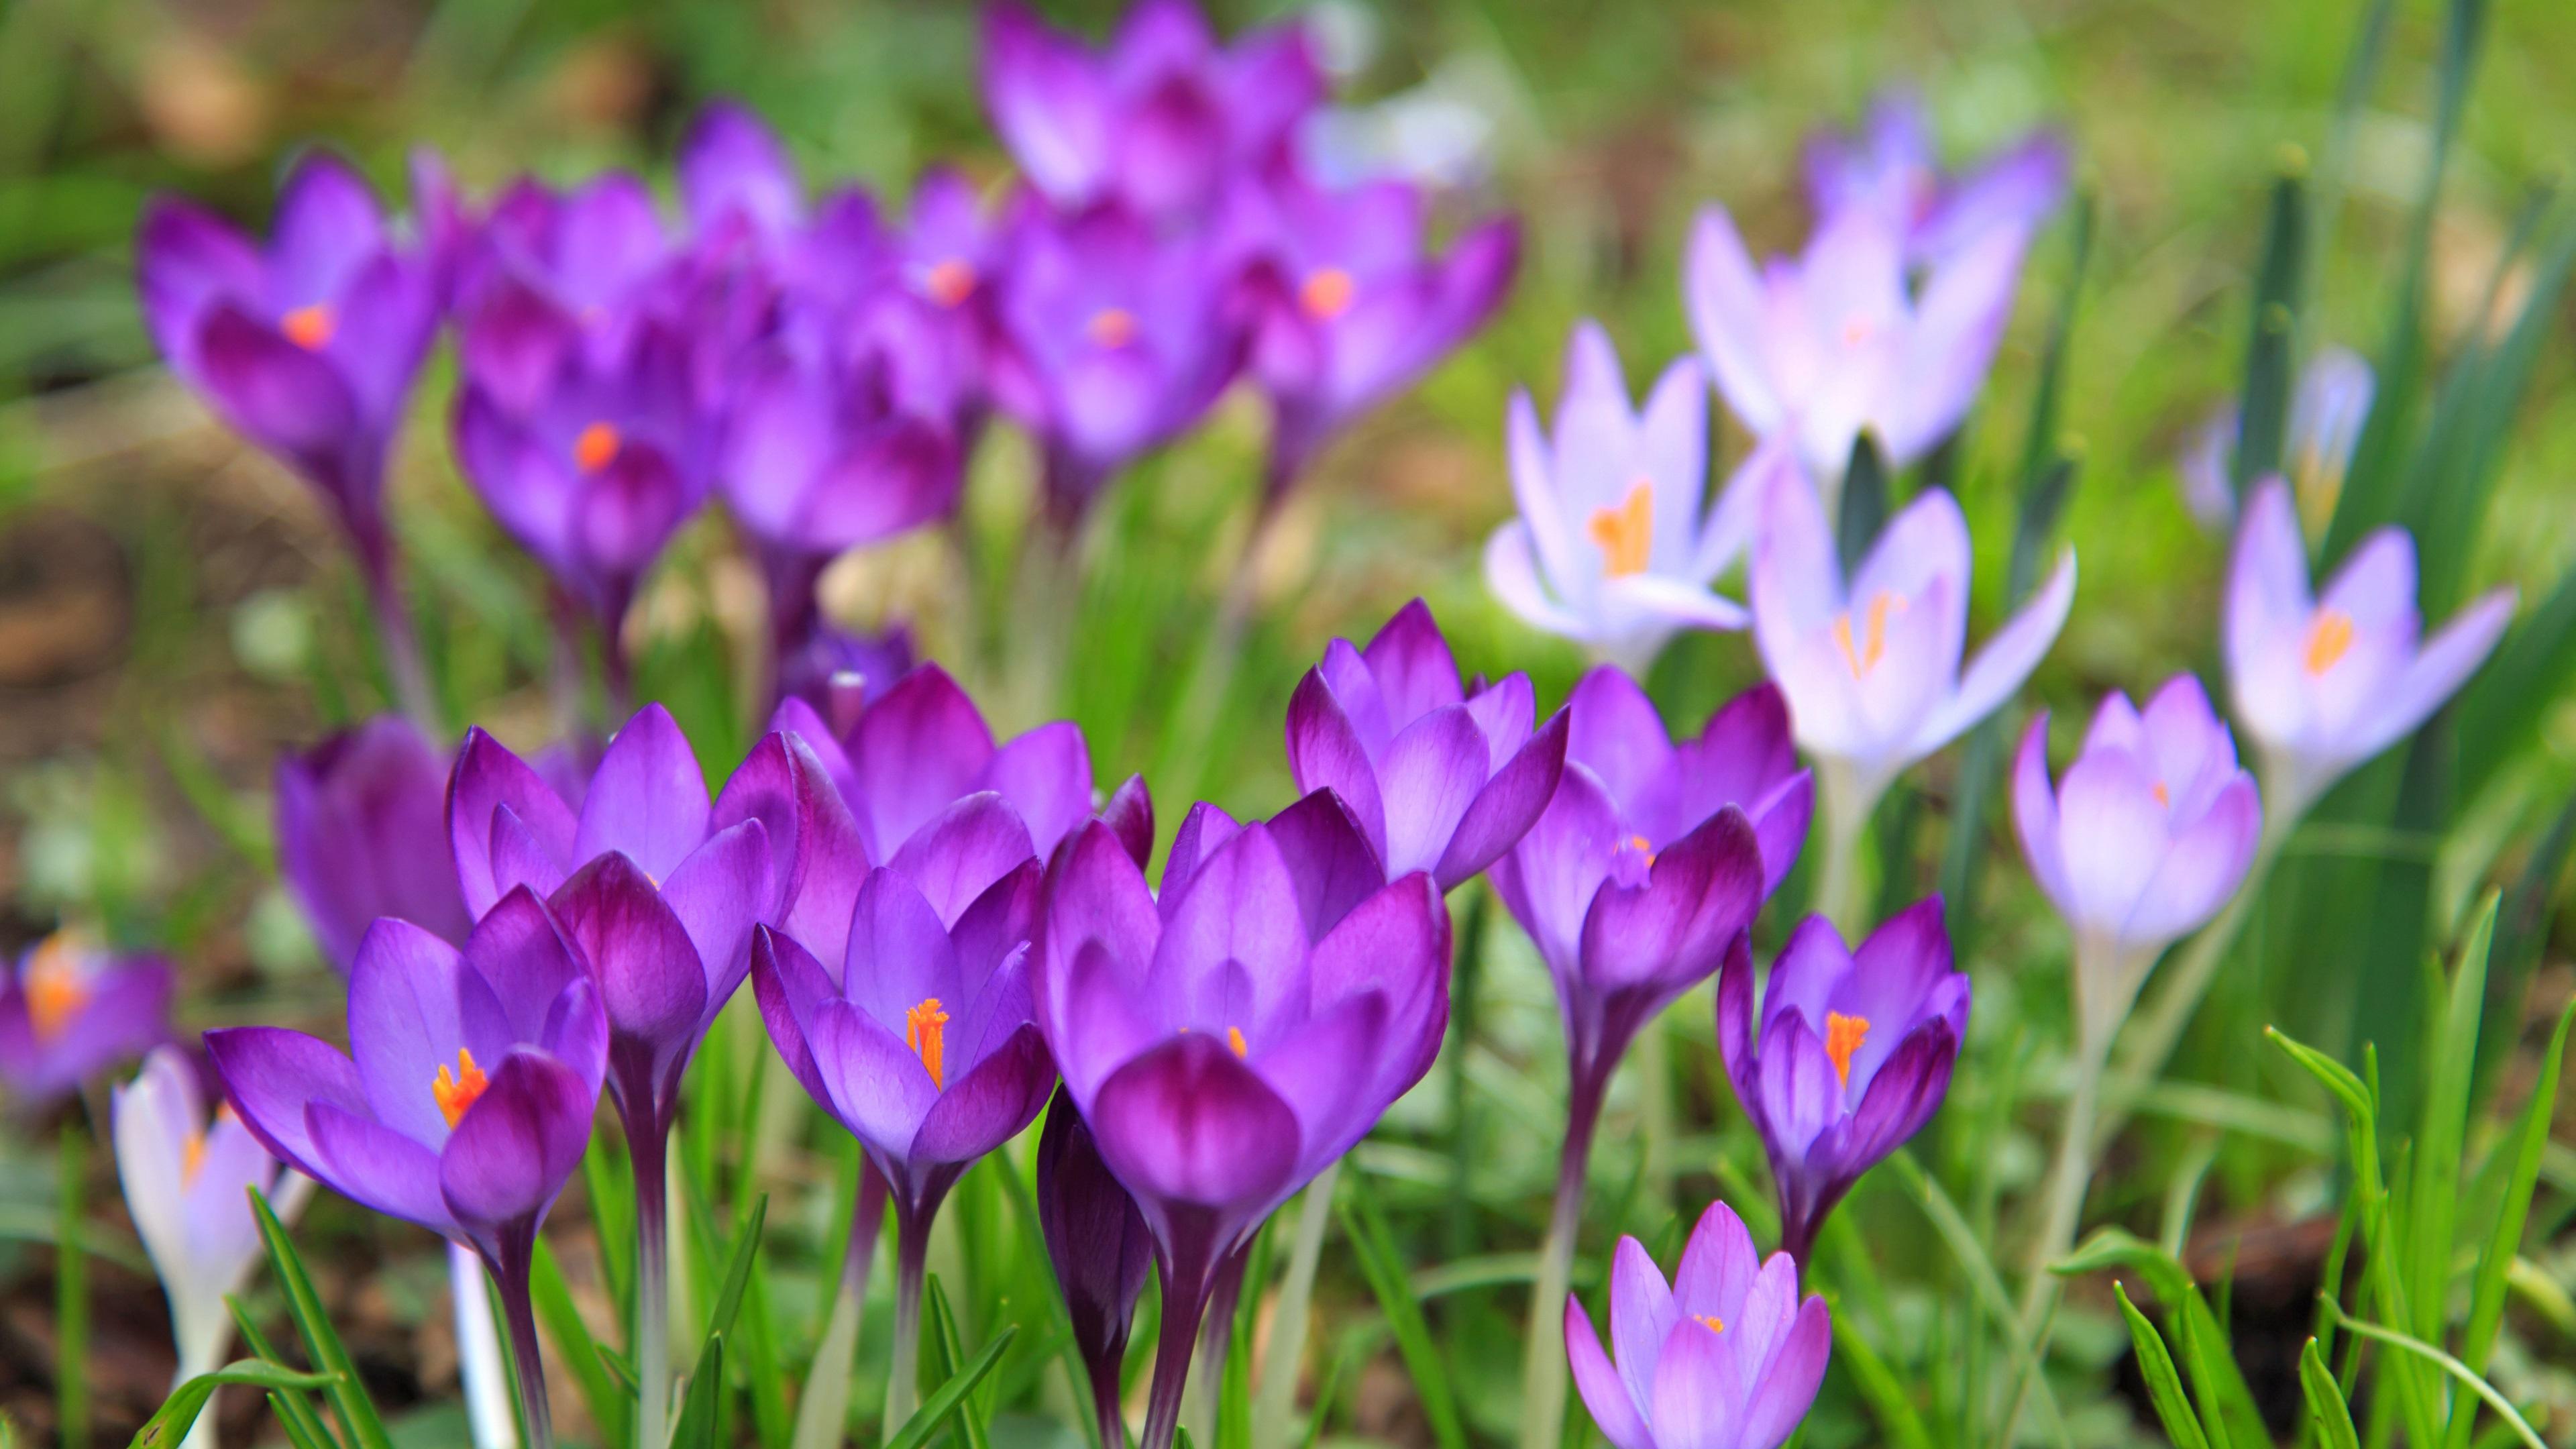 Wallpaper Spring Crocuses Flowering 3840x2160 Uhd 4k